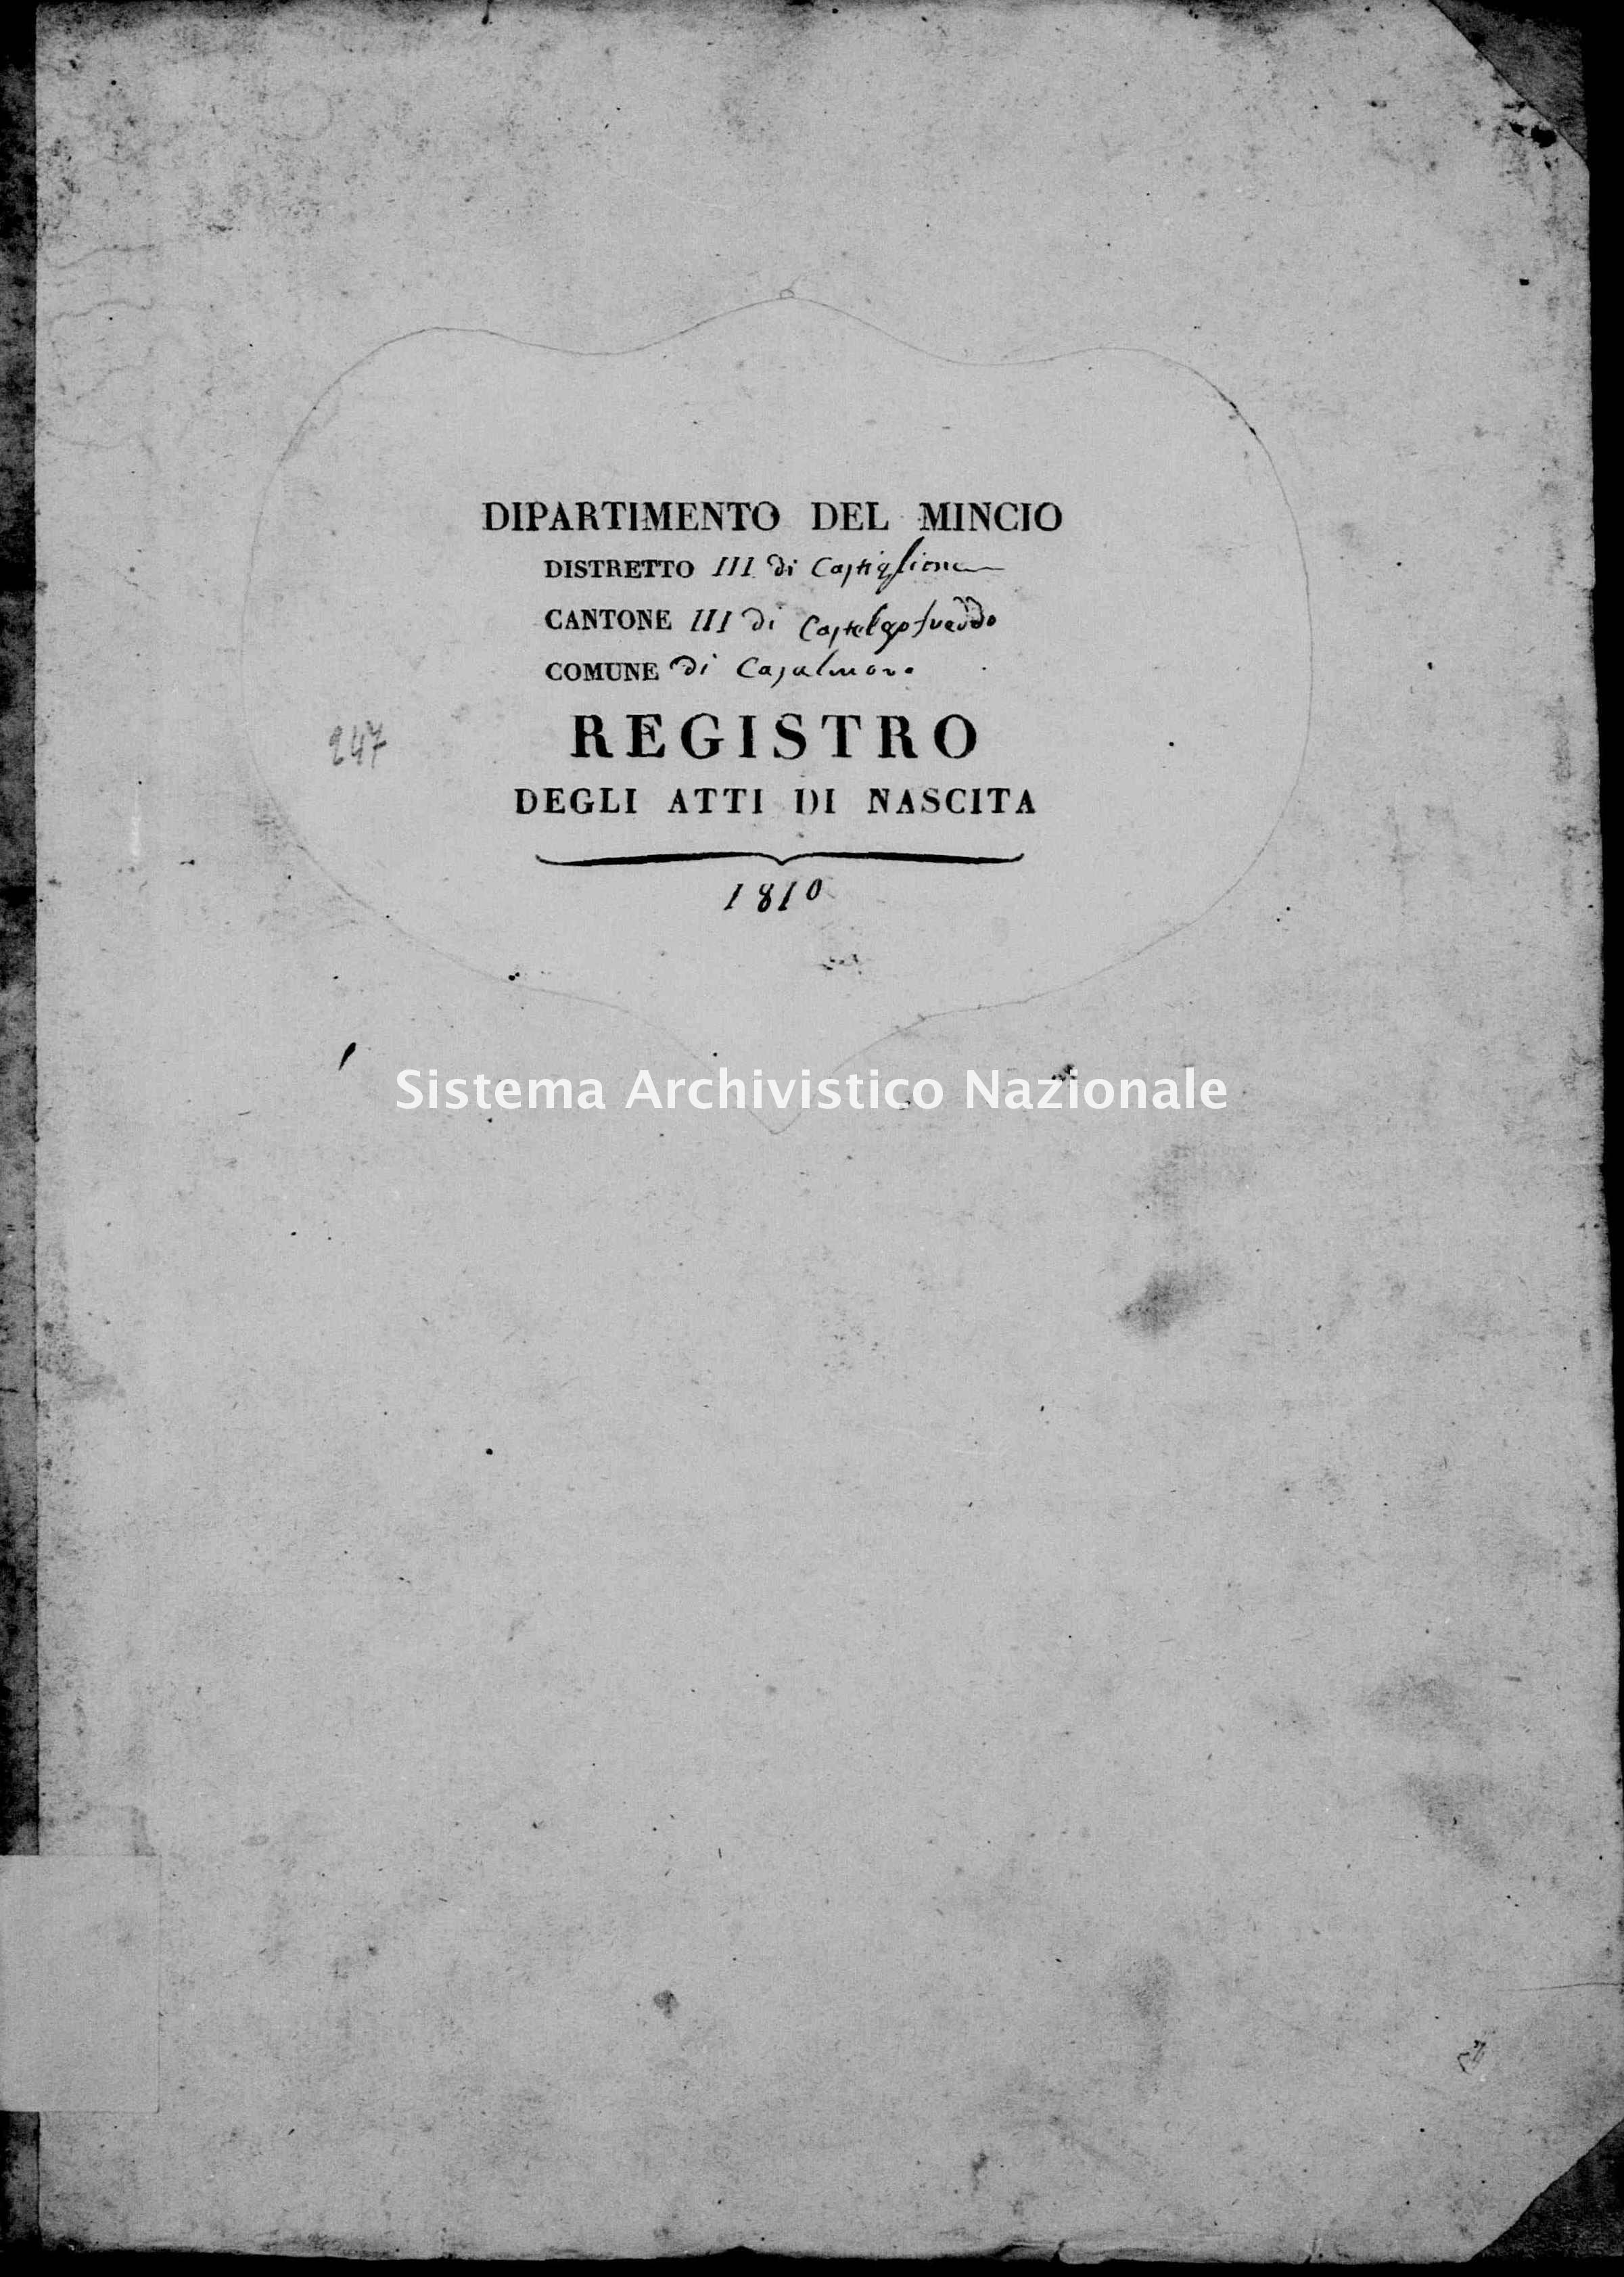 Archivio di stato di Mantova - Stato civile e anagrafe del Dipartimento del Mincio - Acquafredda-con-Casalpoglio-(frazioni-di-Casalmoro) - Nati - 1810 con indice - 247 -